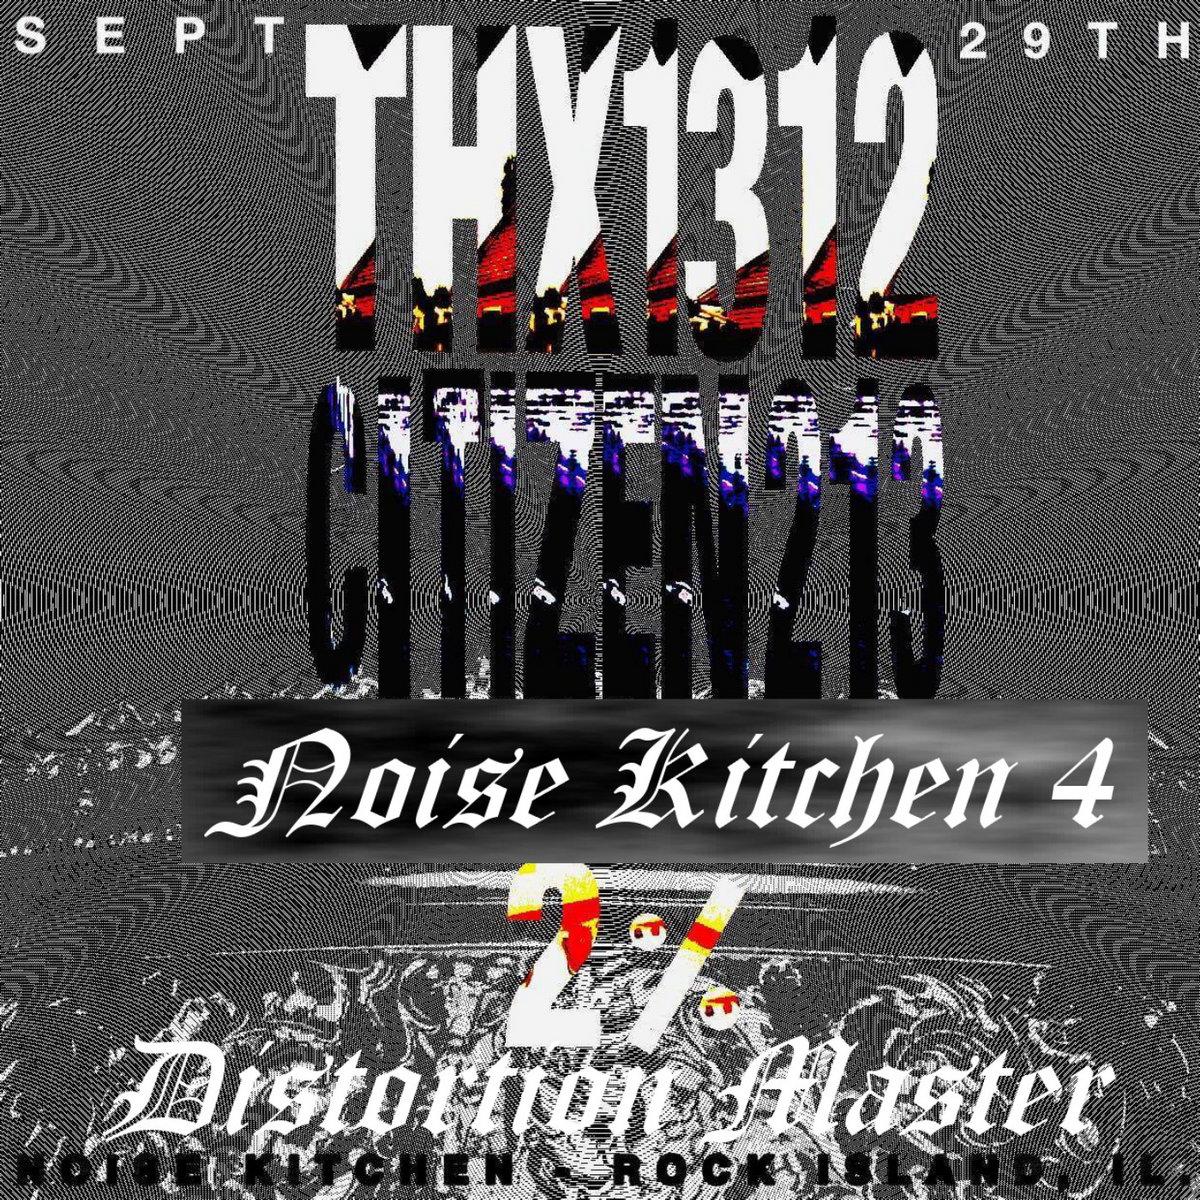 Citizen 213 Noise Kitchen